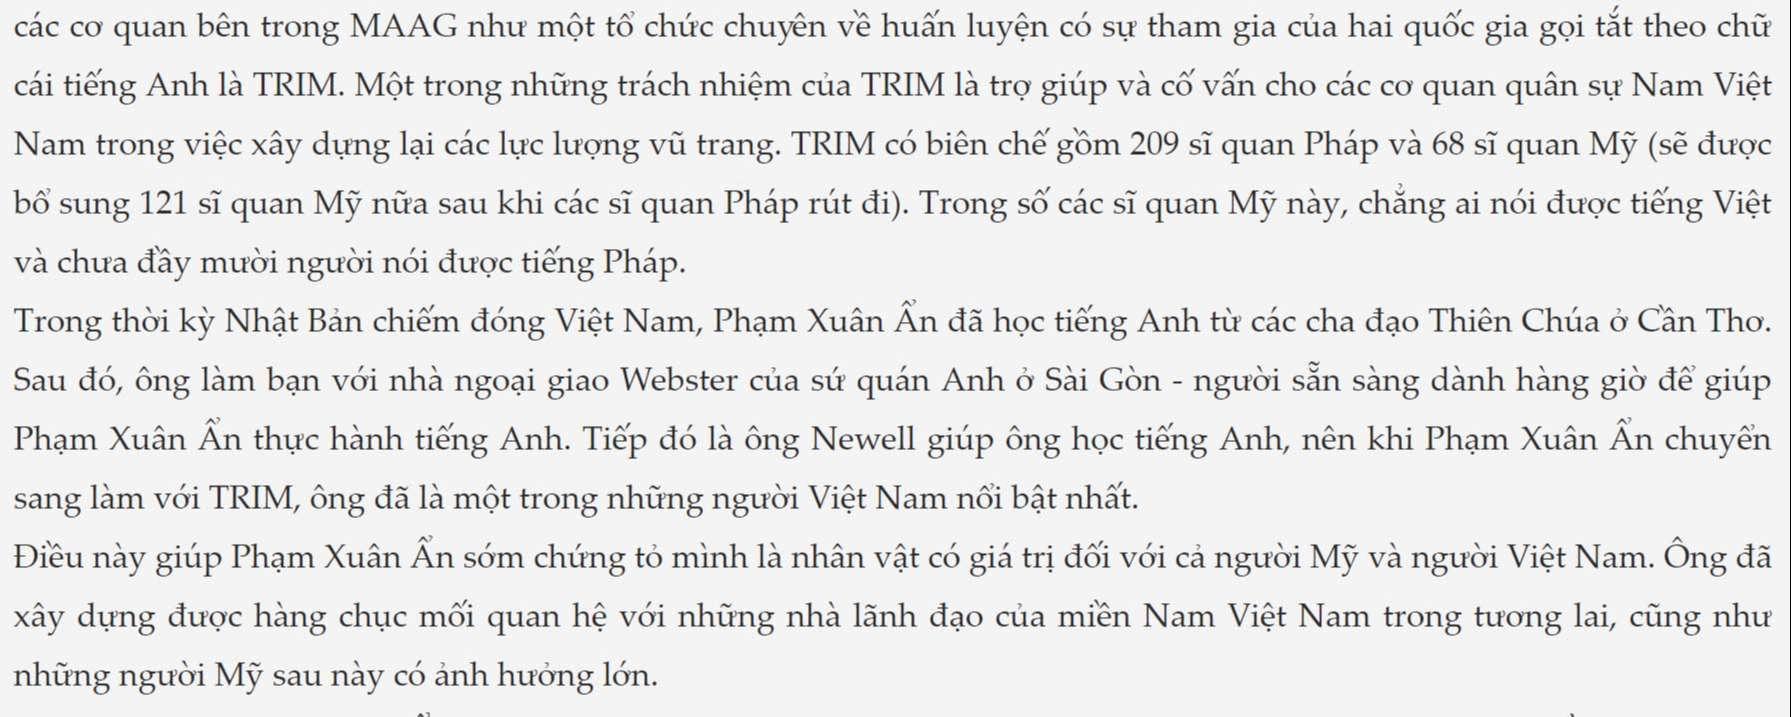 Ông Phạm Xuân Ẩn từng học tiếng Anh theo hình thức gia sư